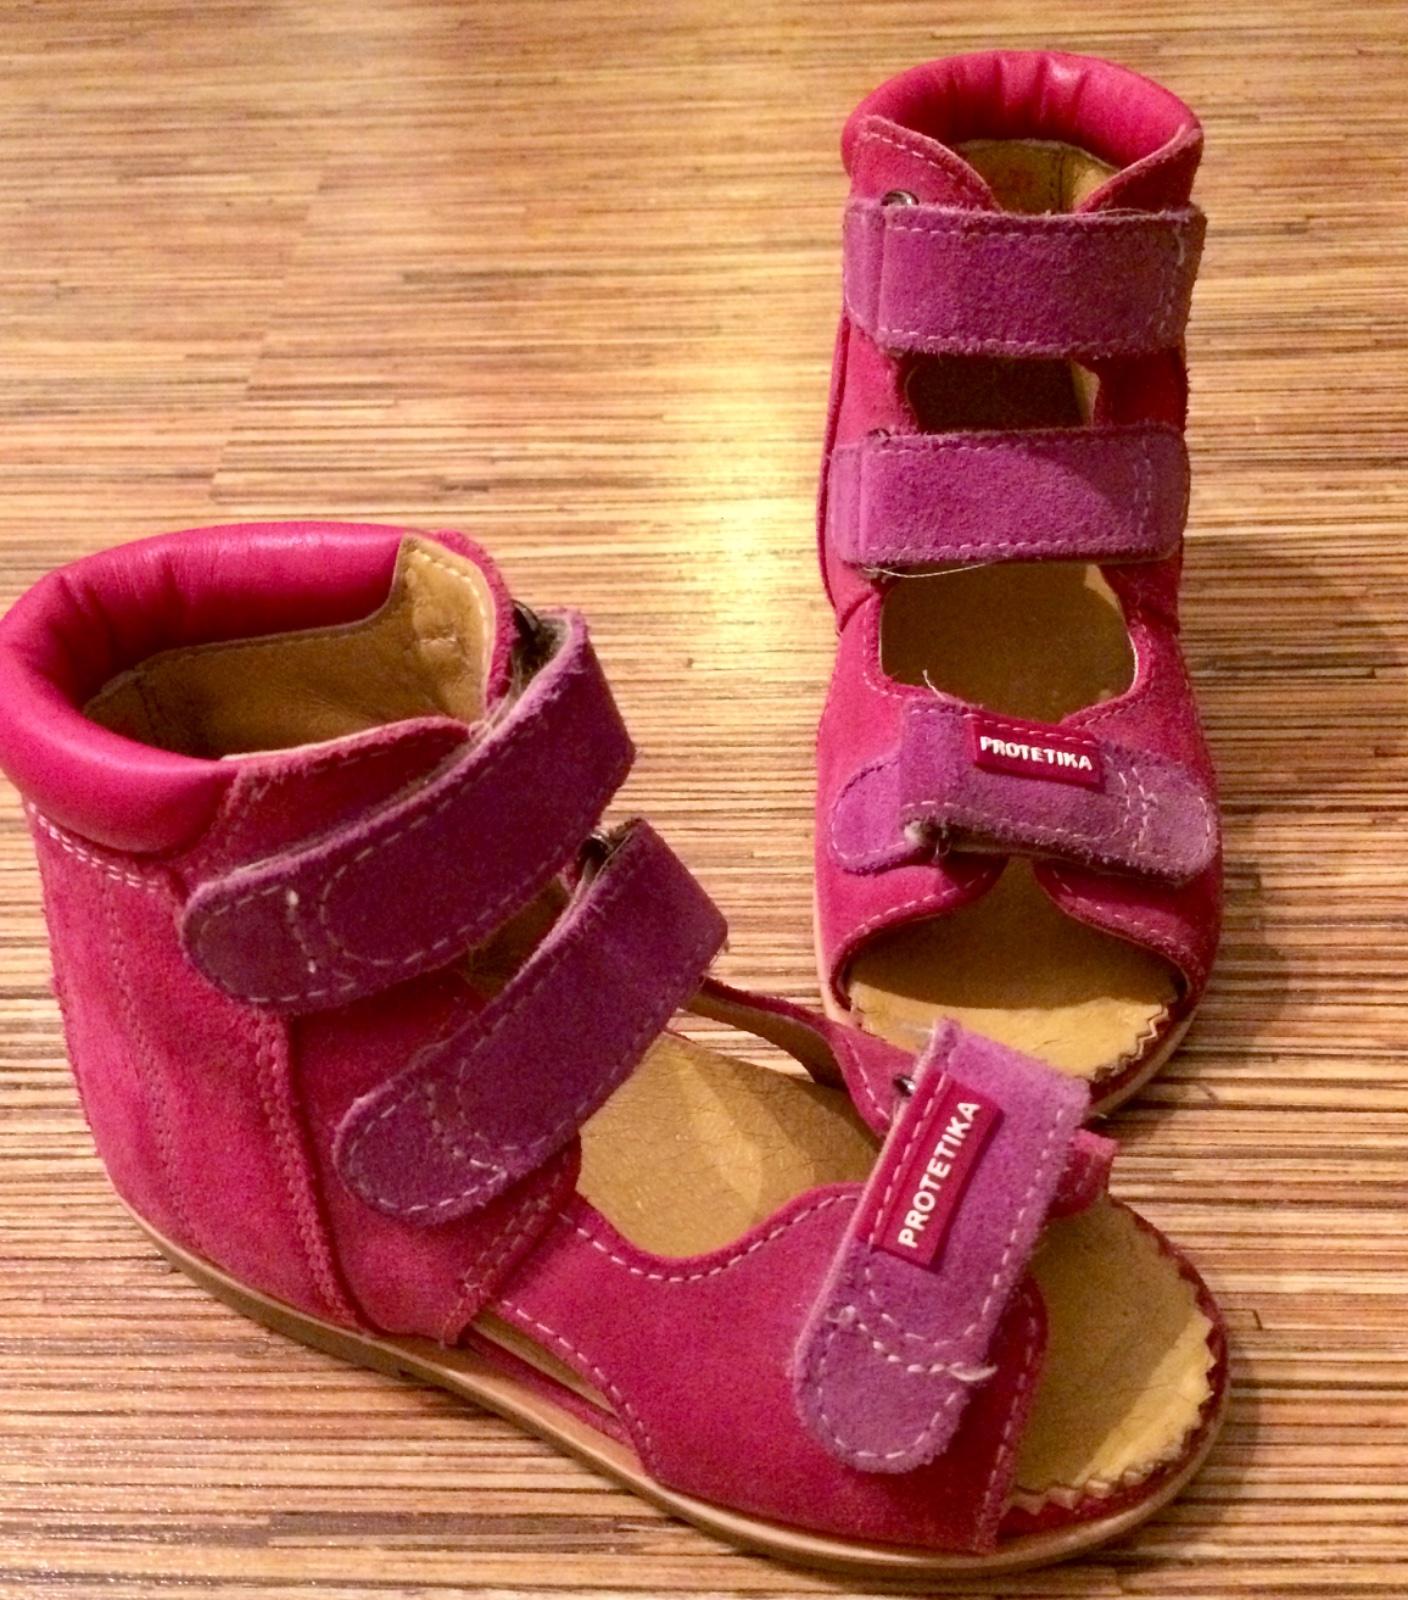 e1c5b29e931c8 Prezuvky, sandalky, protetika,25 - 11 € od predávajúcej bm52 | Detský bazár  | ModryKonik.sk